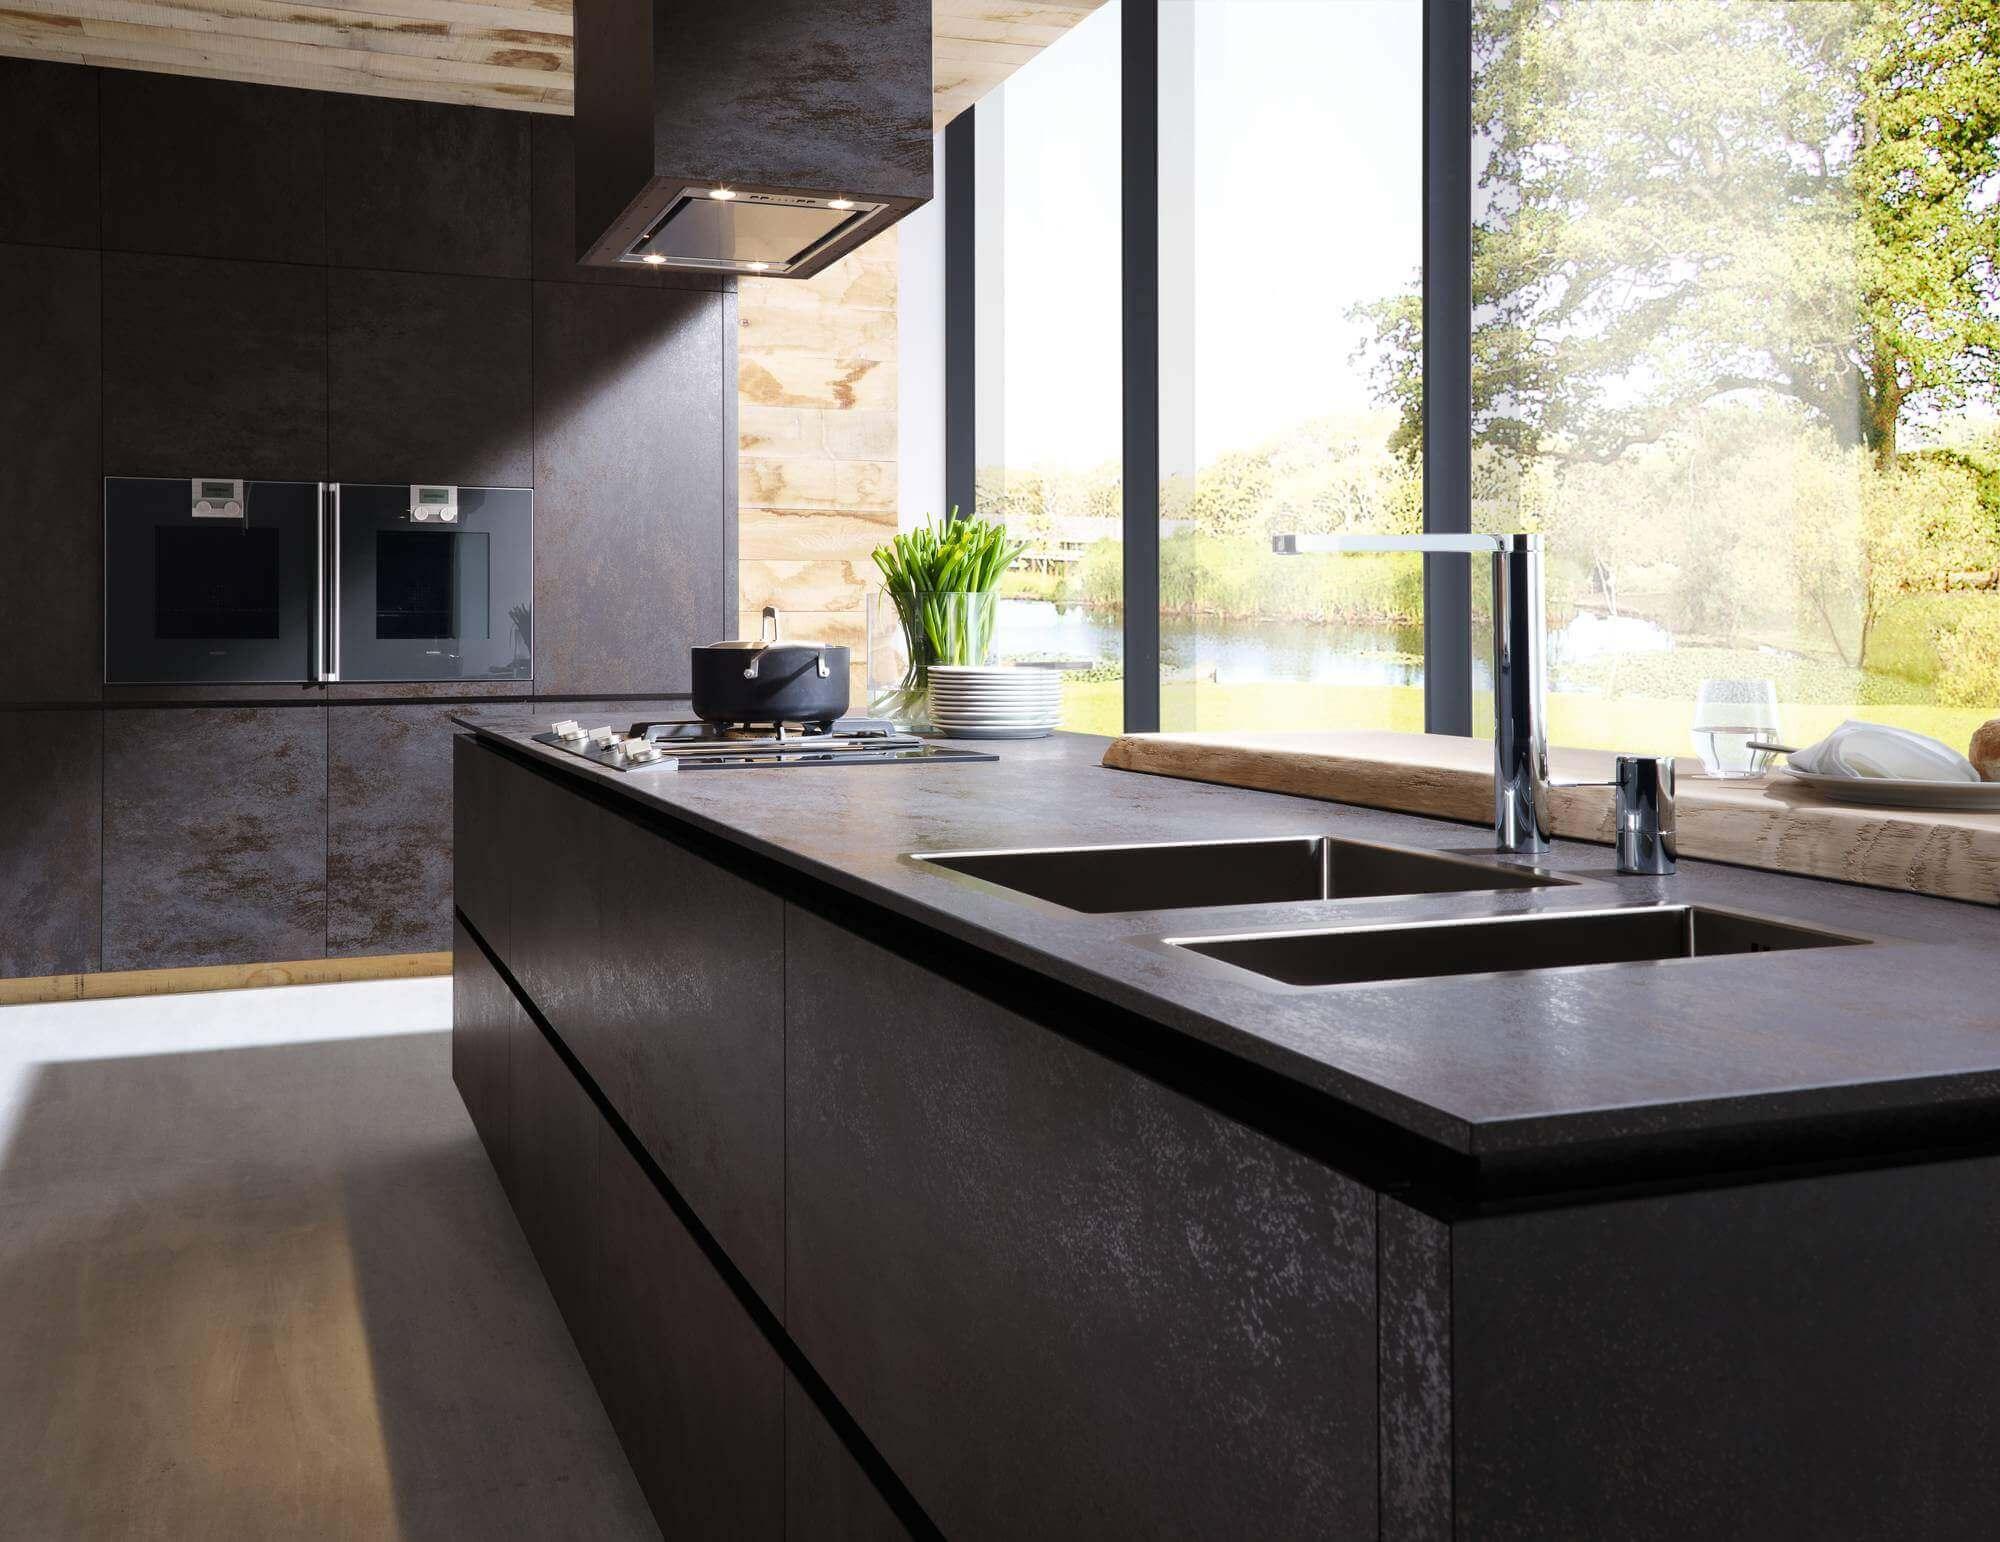 Full Size of Nolte Küchen Glasfront Regal Küche Schlafzimmer Betten Wohnzimmer Nolte Küchen Glasfront